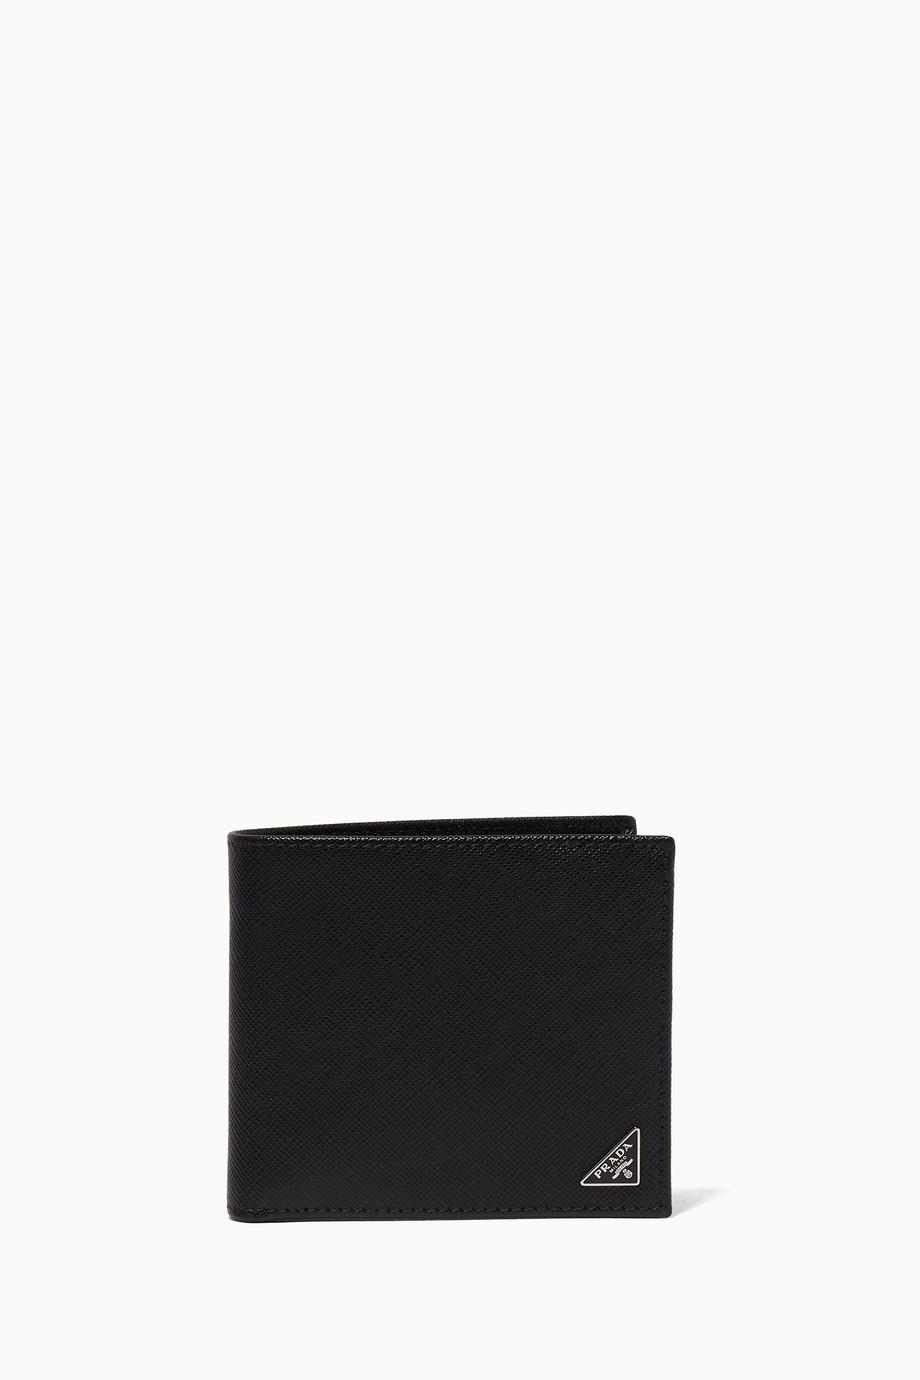 ee14c4ae7b09 Shop Prada Black Black Triangle Logo Saffiano Leather Bill-Fold ...